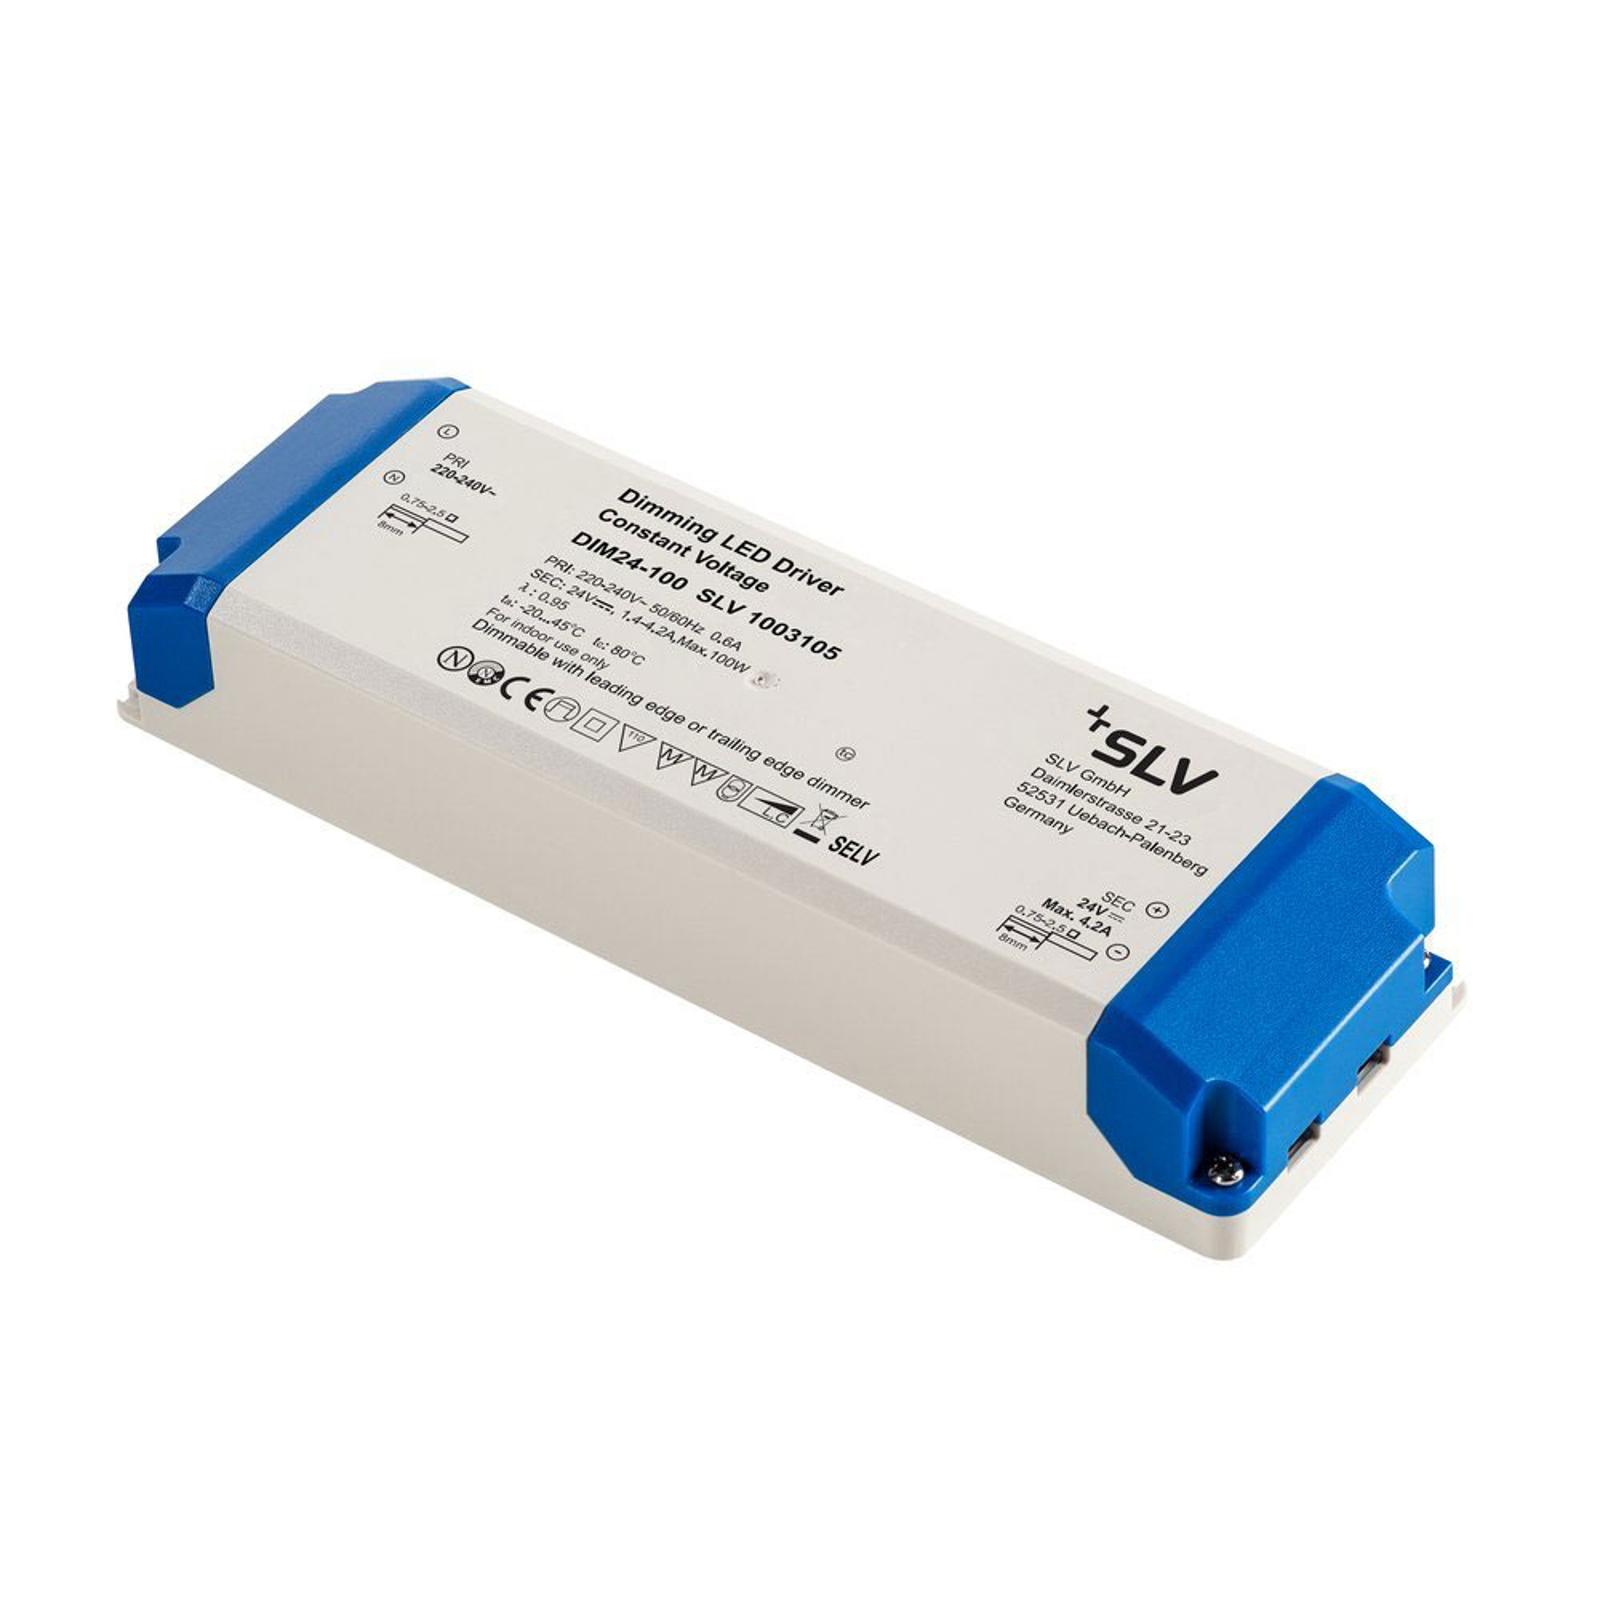 SLV LED-driver 24 V, 100 W, TRIAC-dimbar